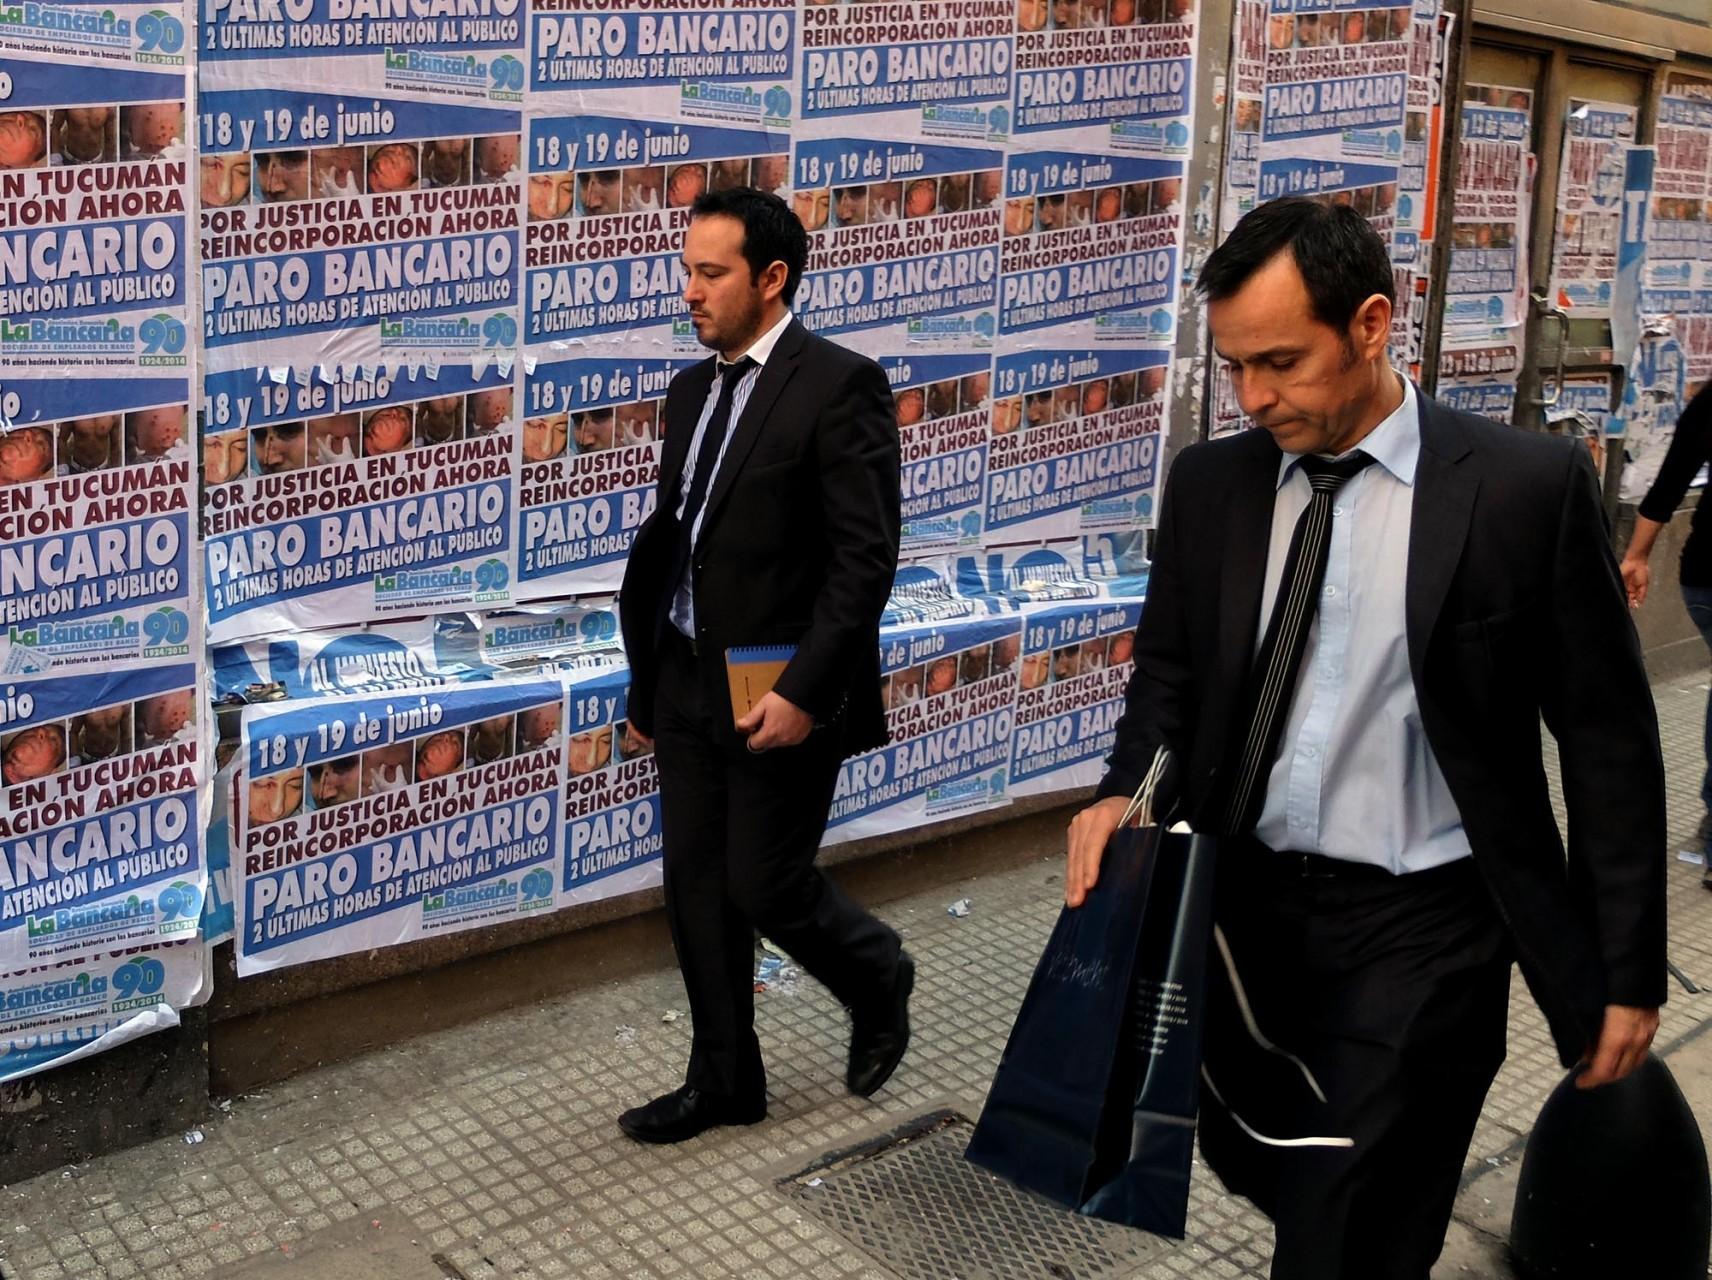 La tragedia económica argentina sigue ahí pese a la fiebre mundialera.